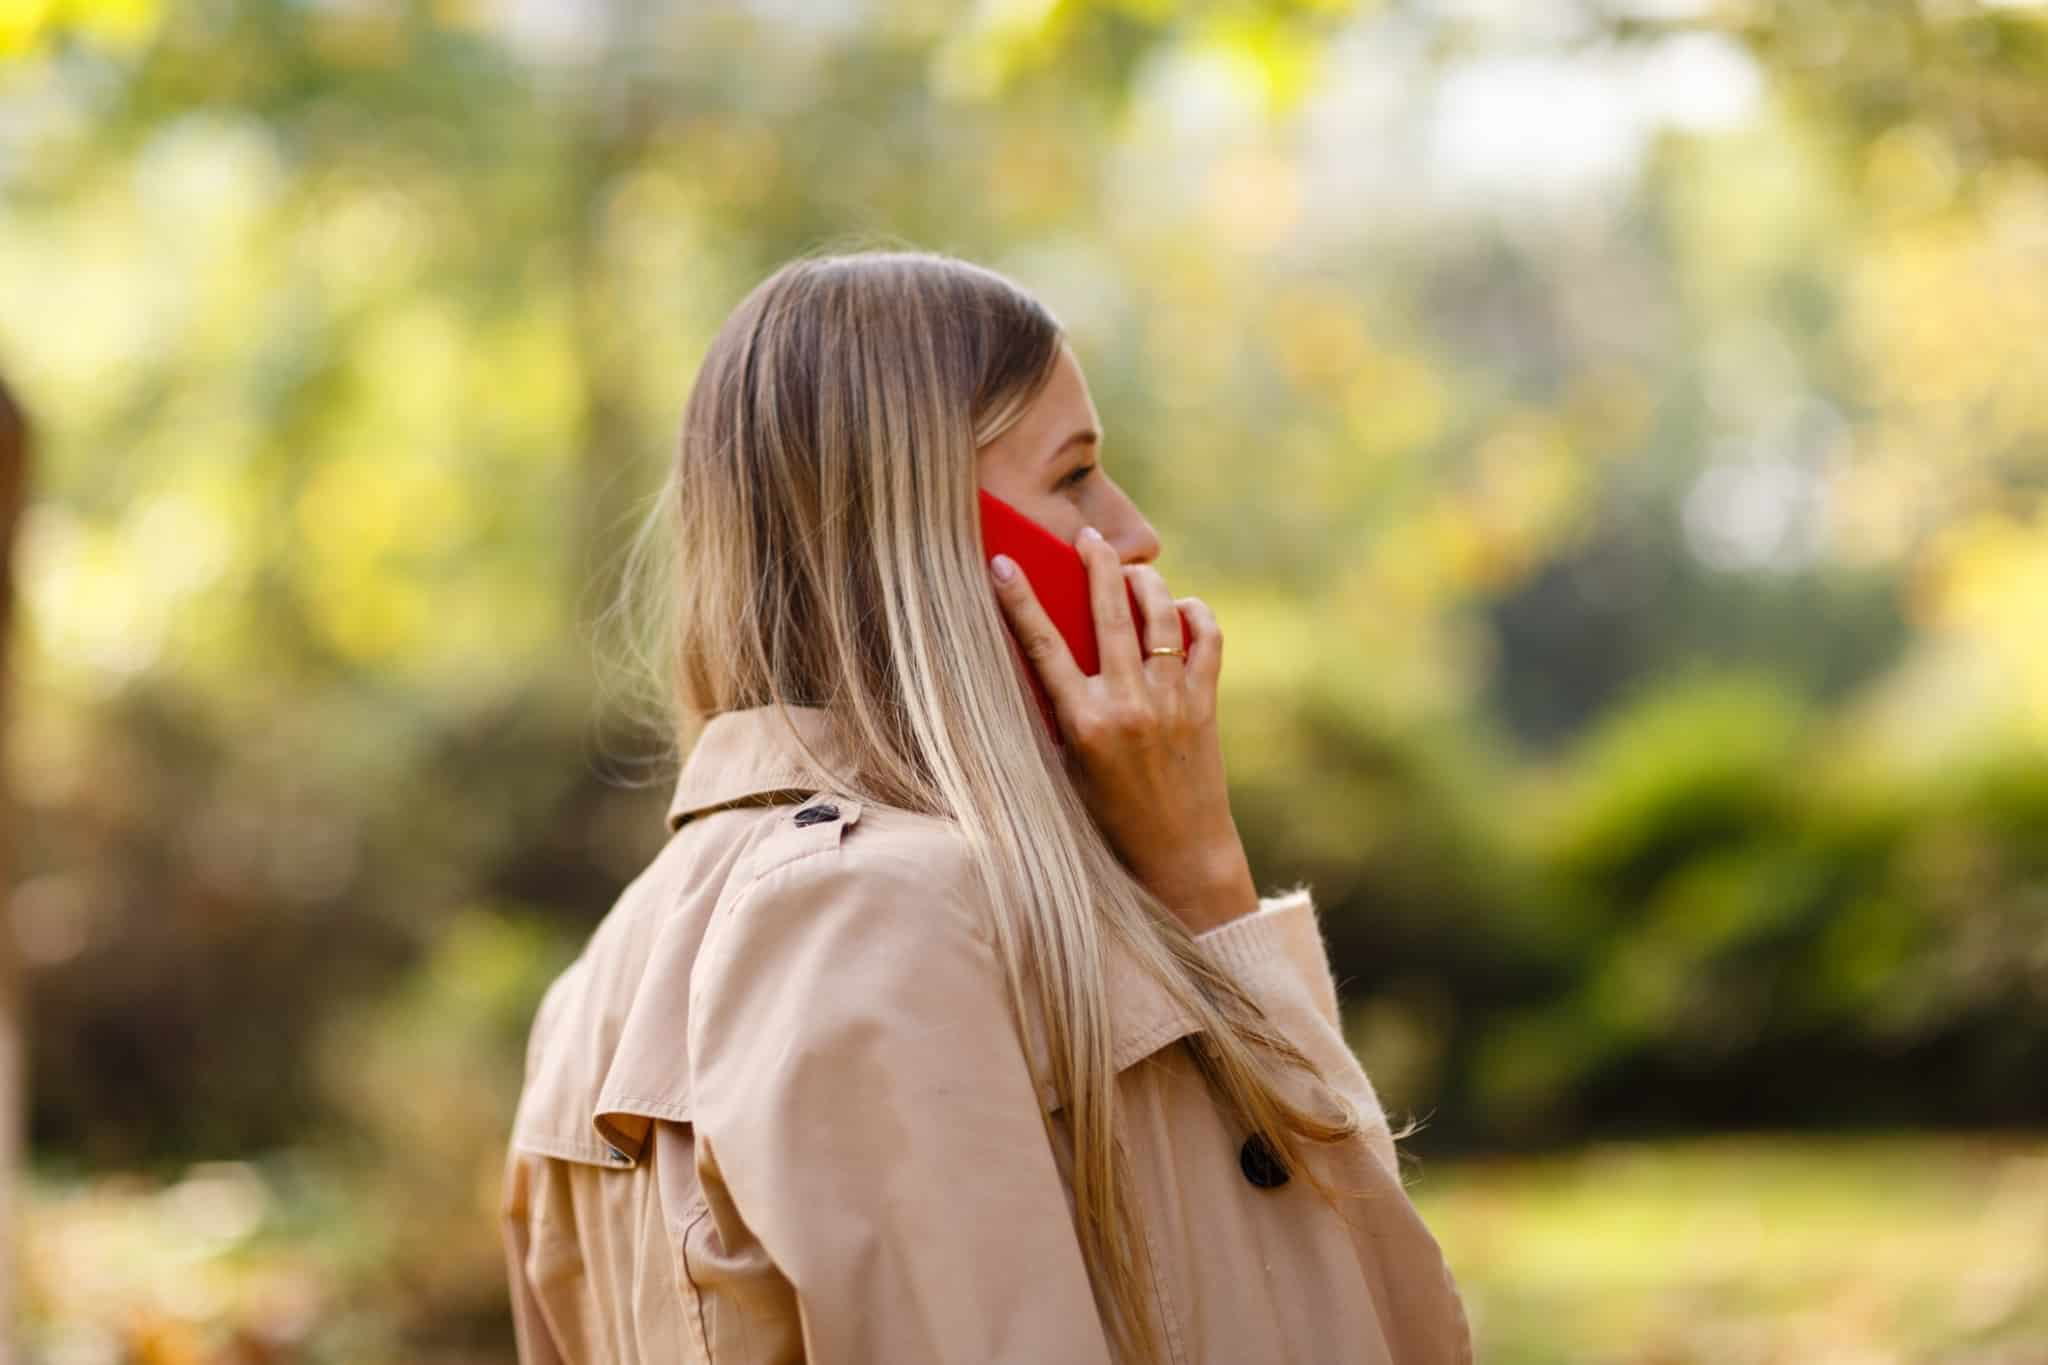 rapariga loira no parque a falar ao telefone